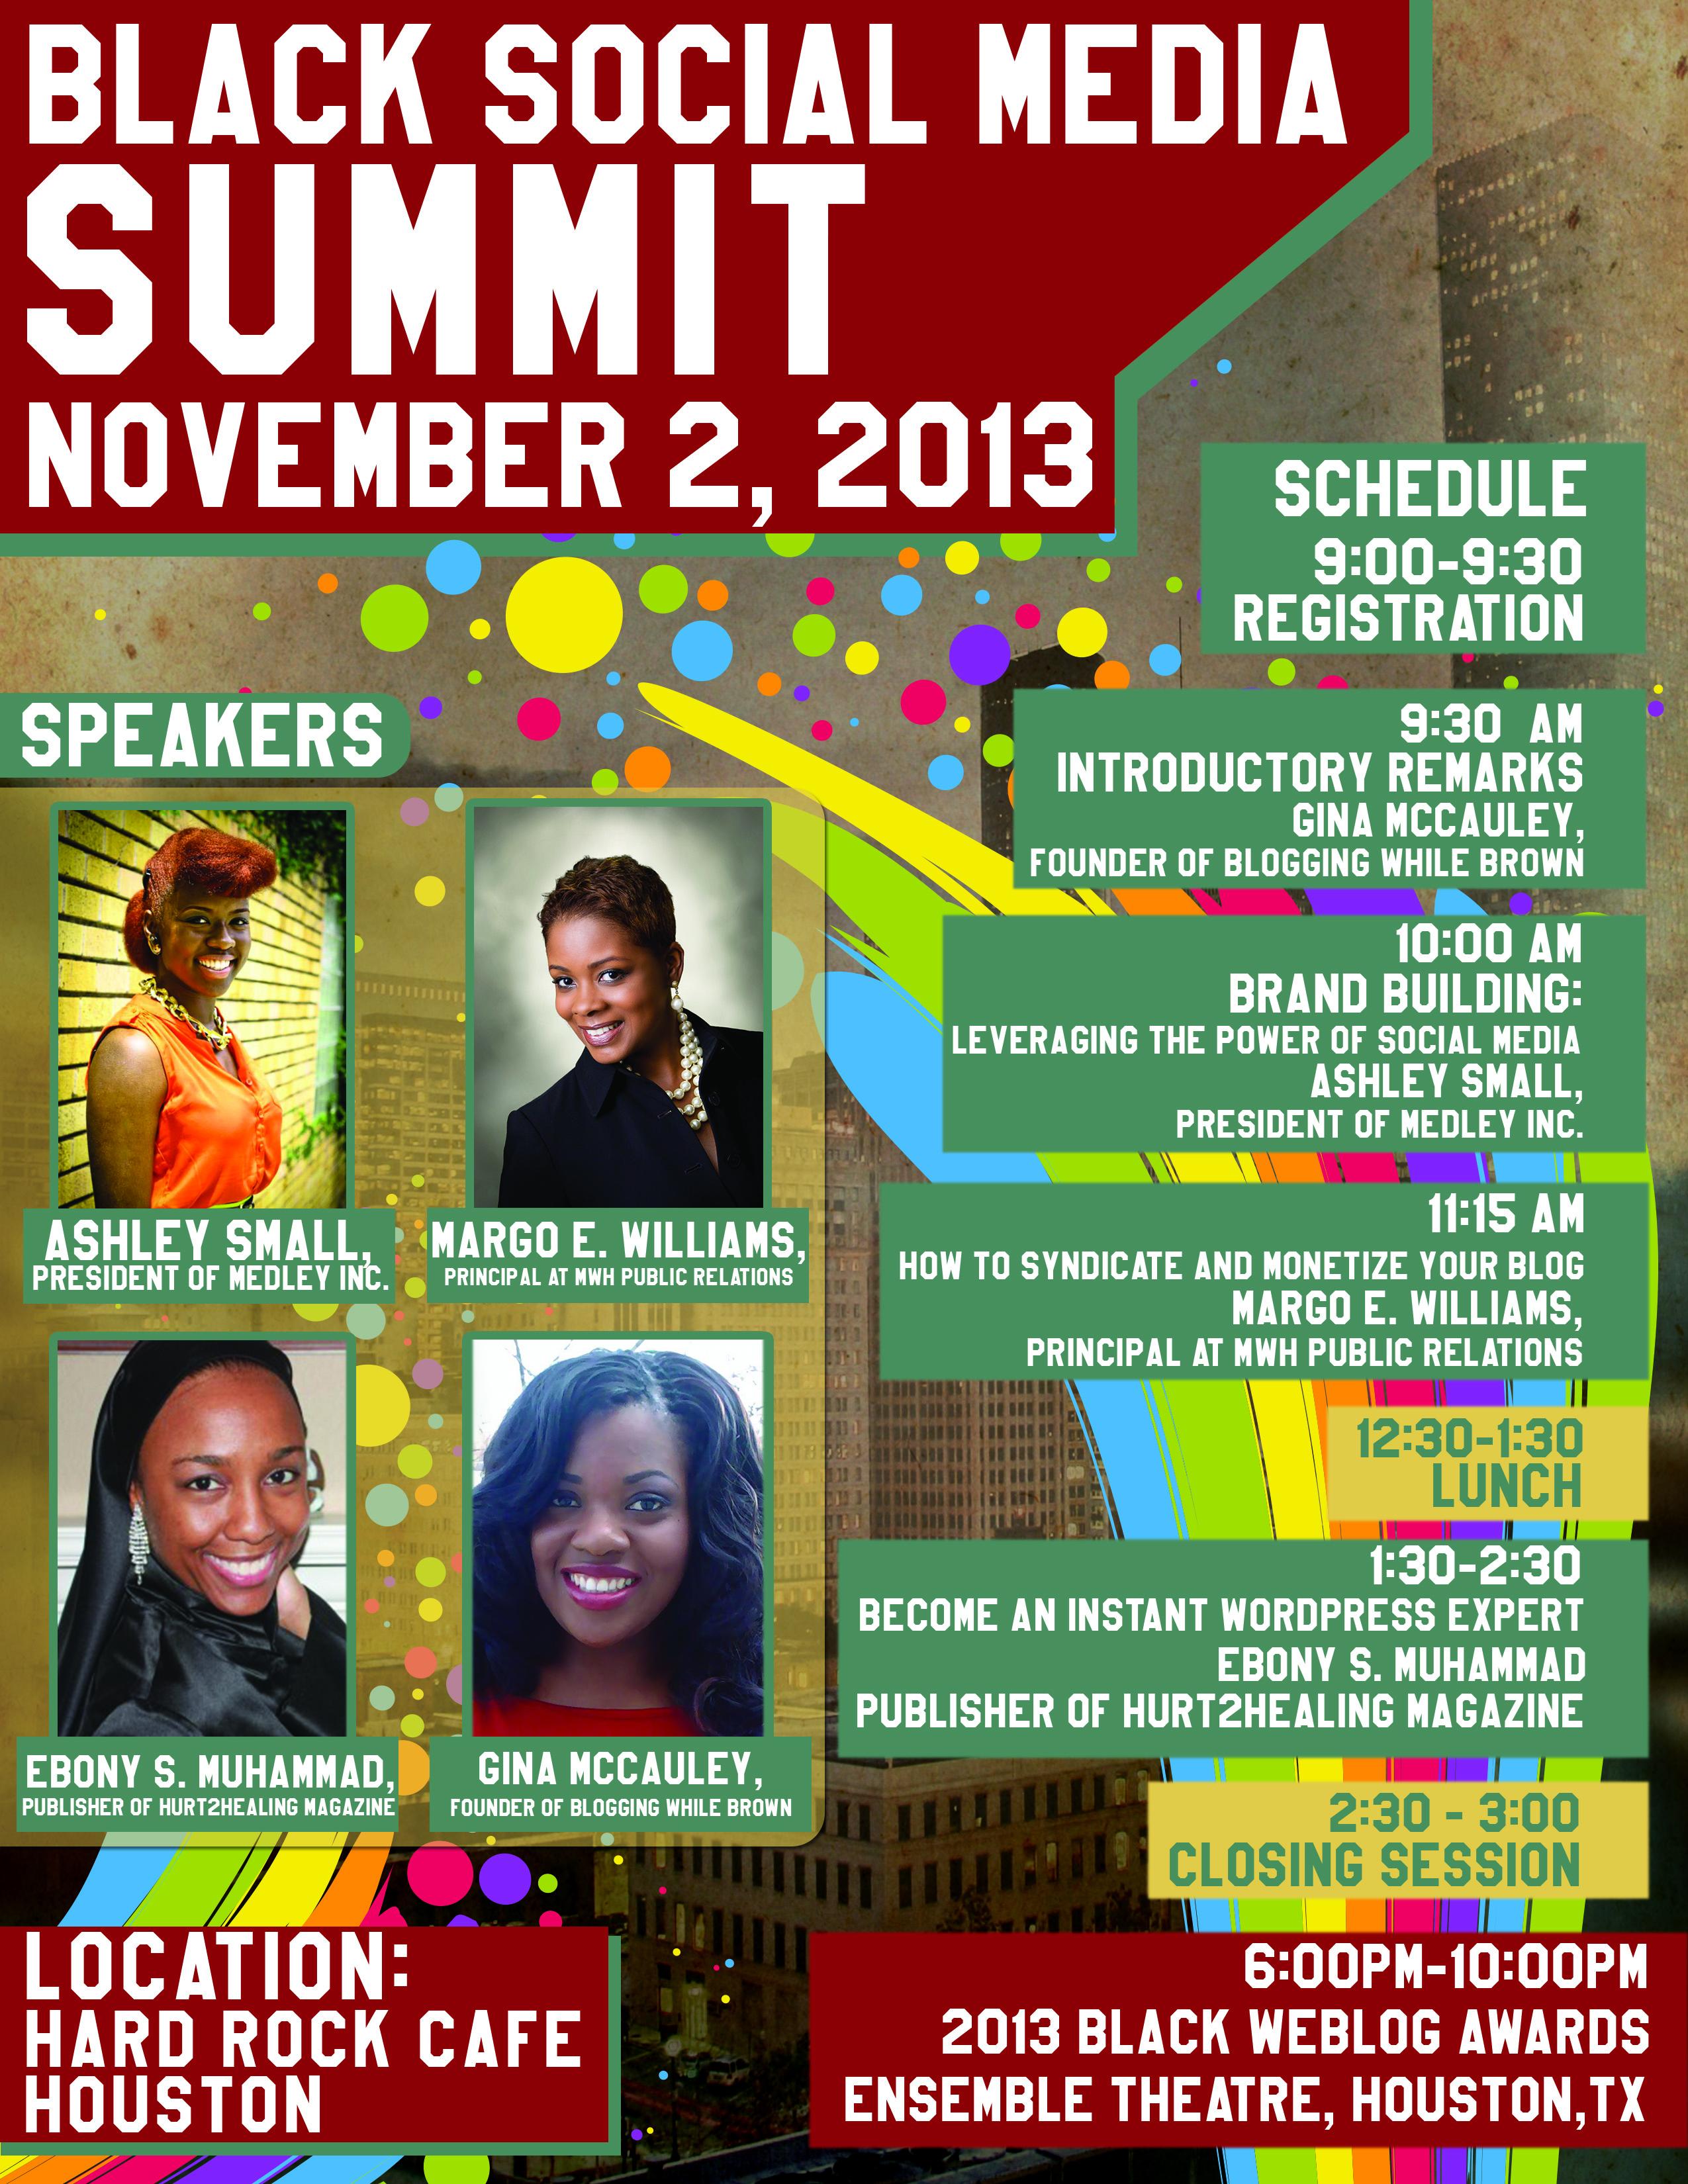 2013 Black Social Media Summit Nov. 2